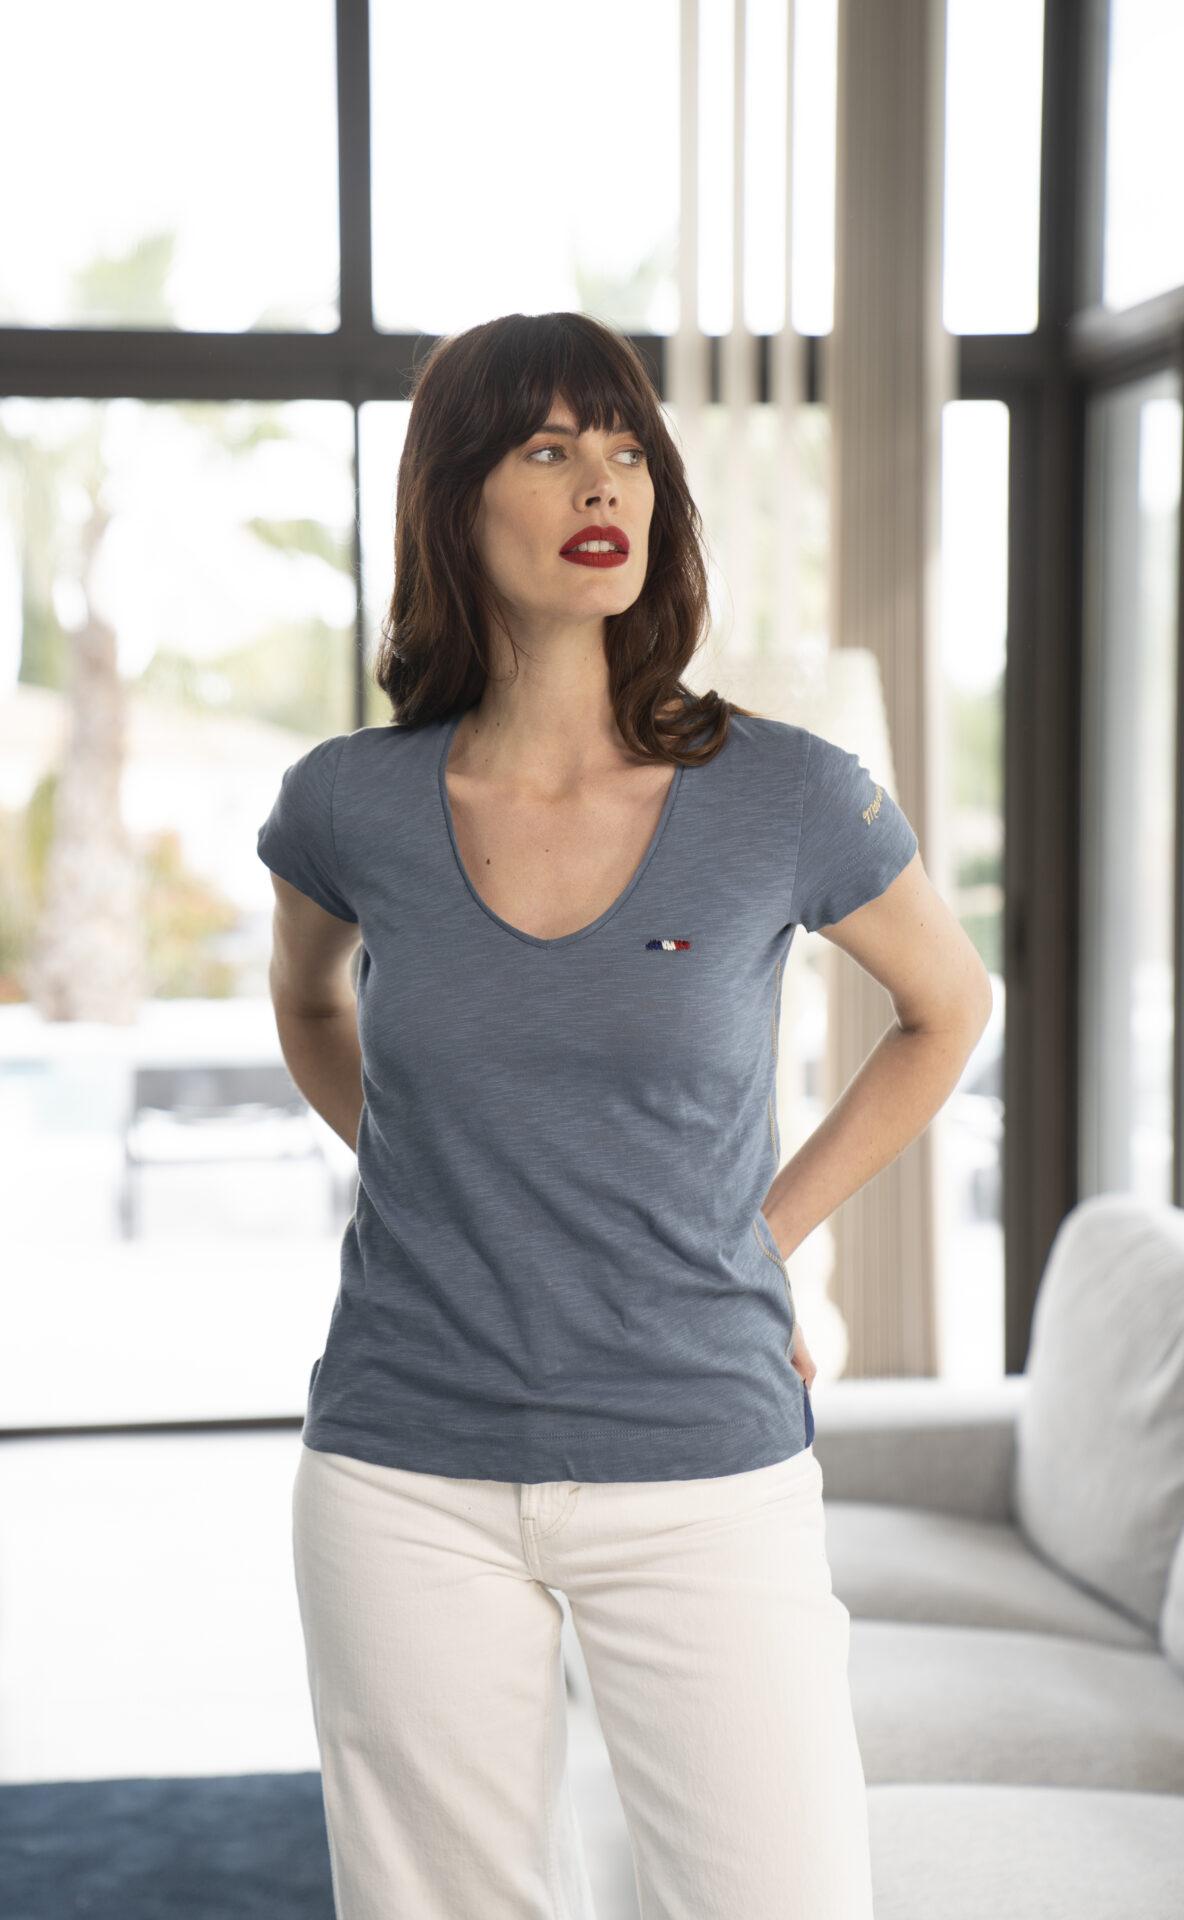 Tee-shirt-bleu-classique